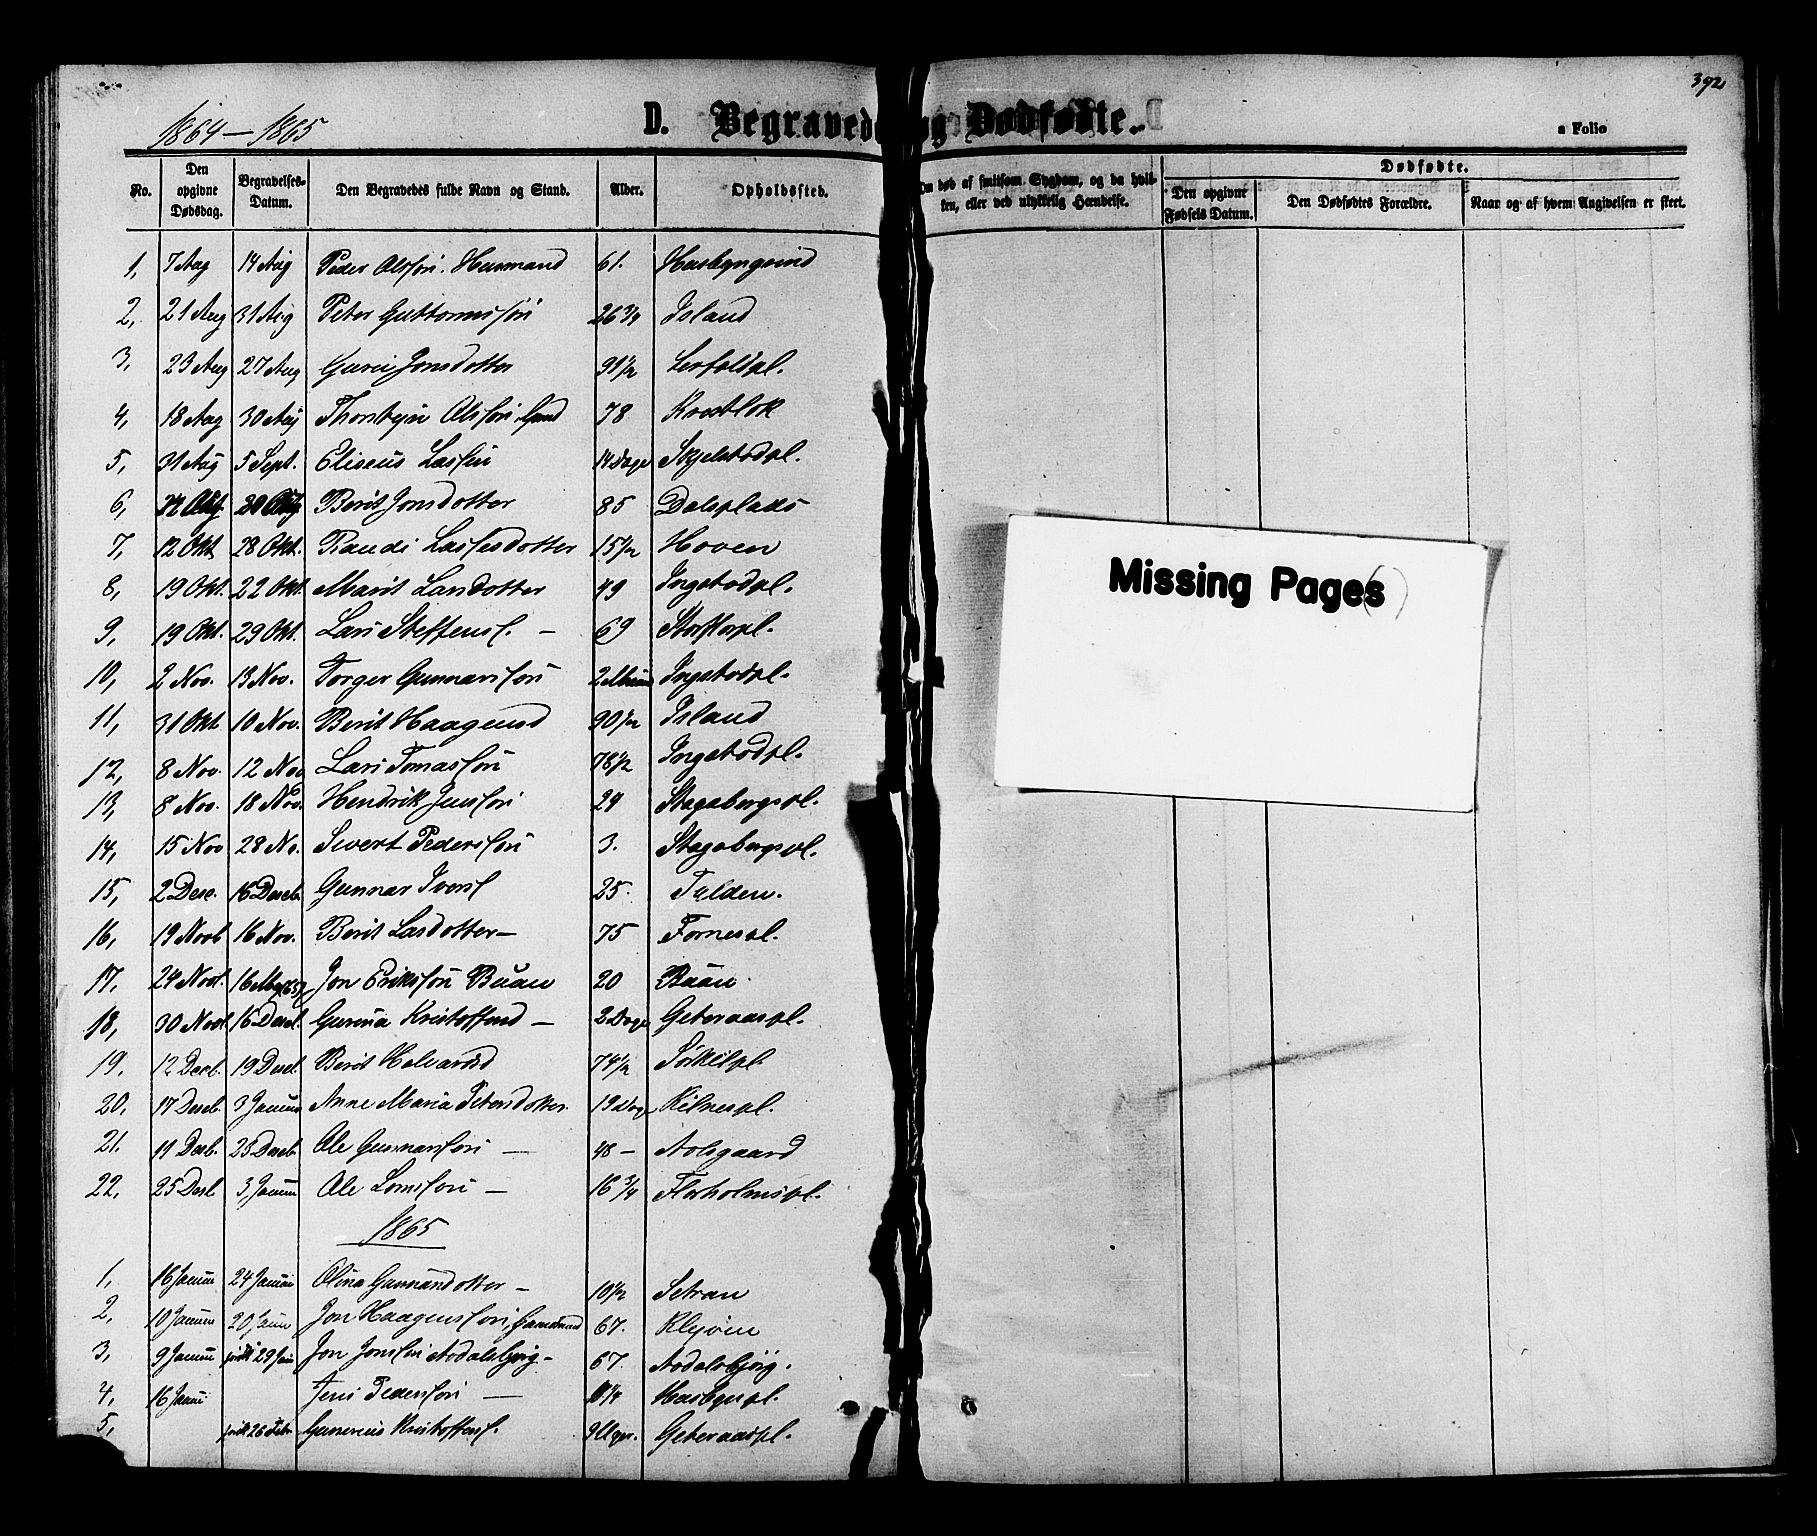 SAT, Ministerialprotokoller, klokkerbøker og fødselsregistre - Nord-Trøndelag, 703/L0038: Klokkerbok nr. 703C01, 1864-1870, s. 392